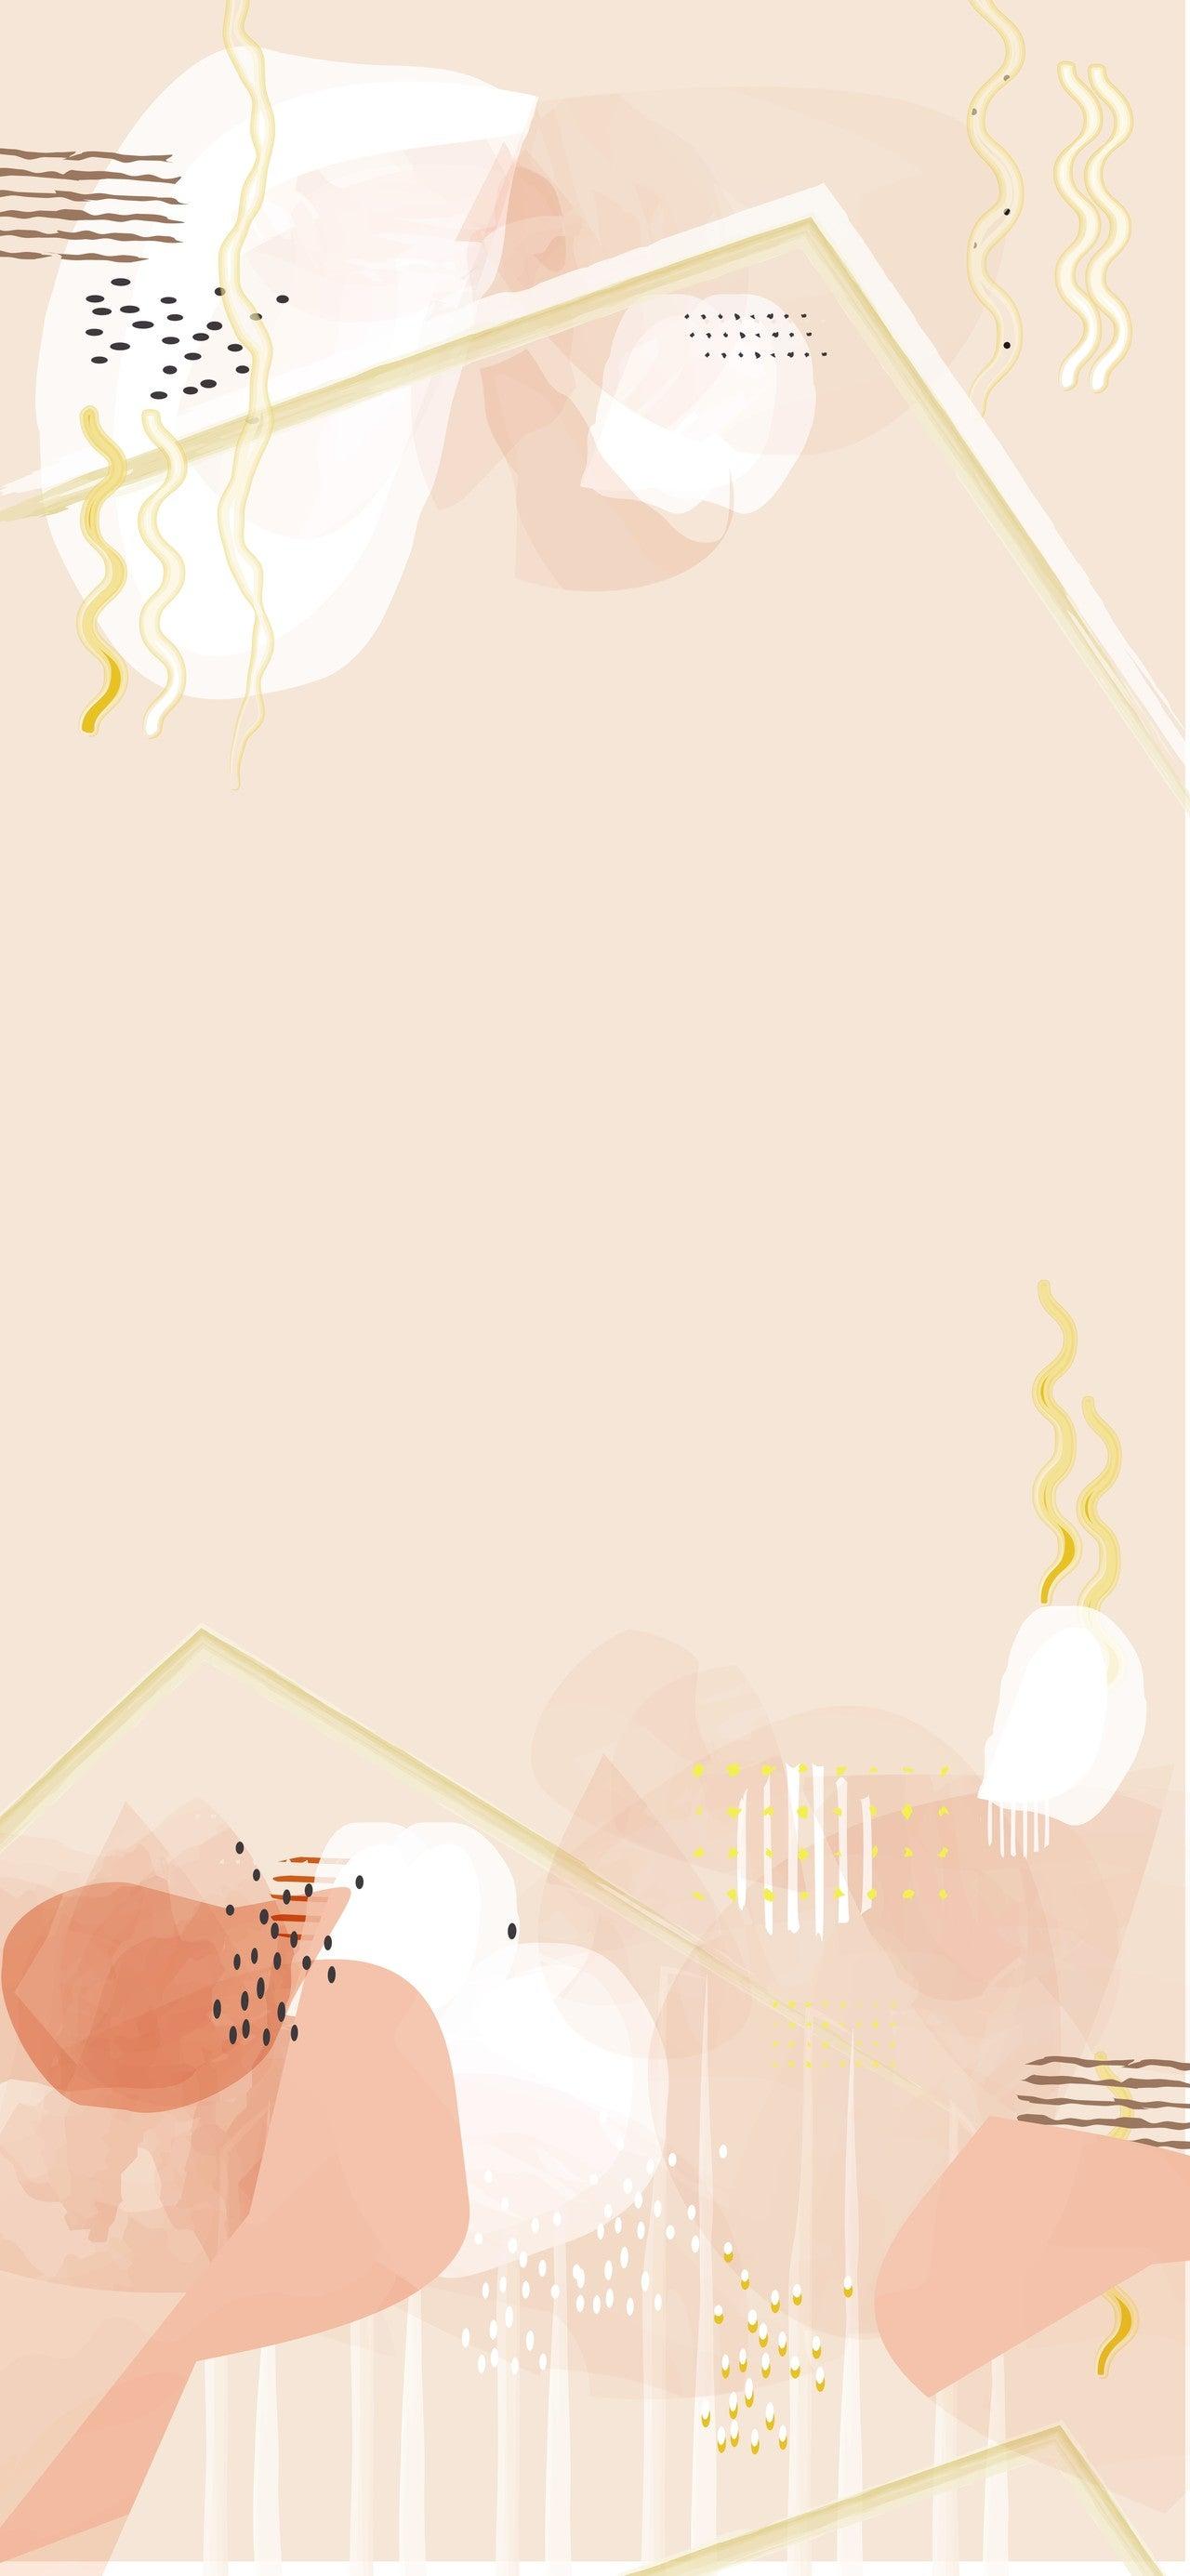 Iphone用の壁紙も作ってみる ネイルの模様にありそうな ゆらぎのあるタッチが好き Akiconute Note